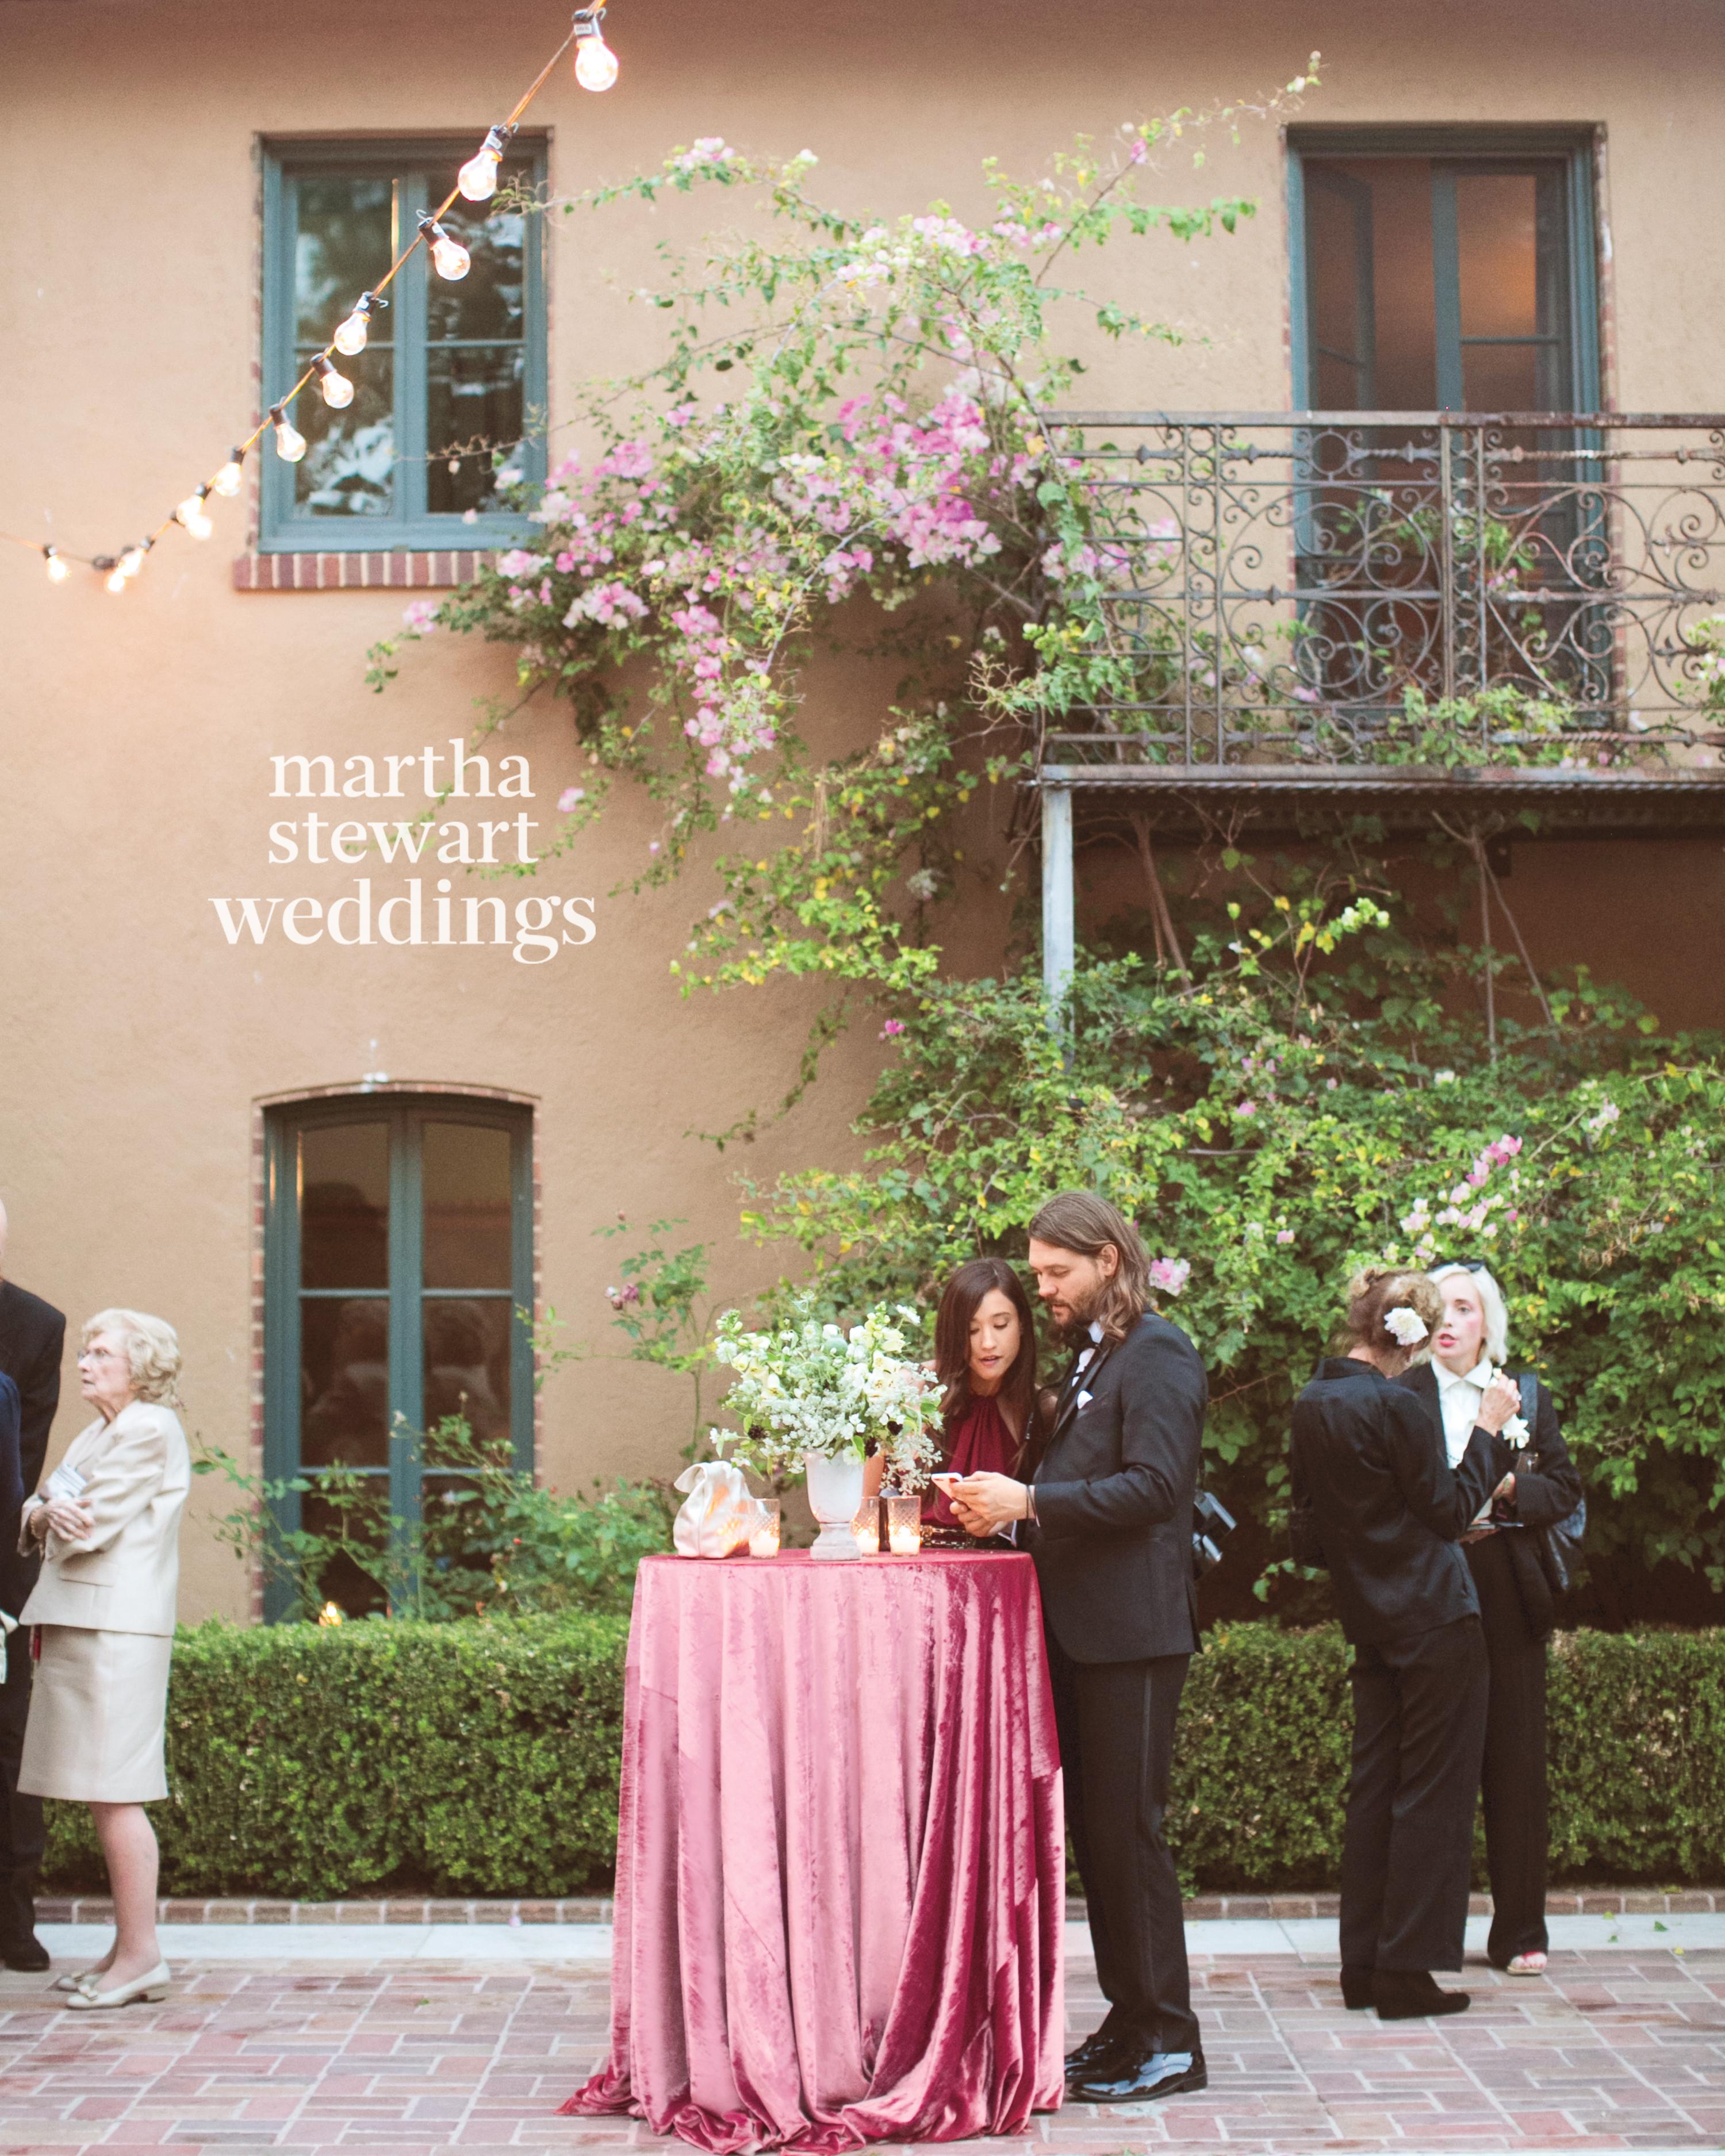 sophia-joel-wedding-los-angeles-211-d112240-watermark-0815.jpg